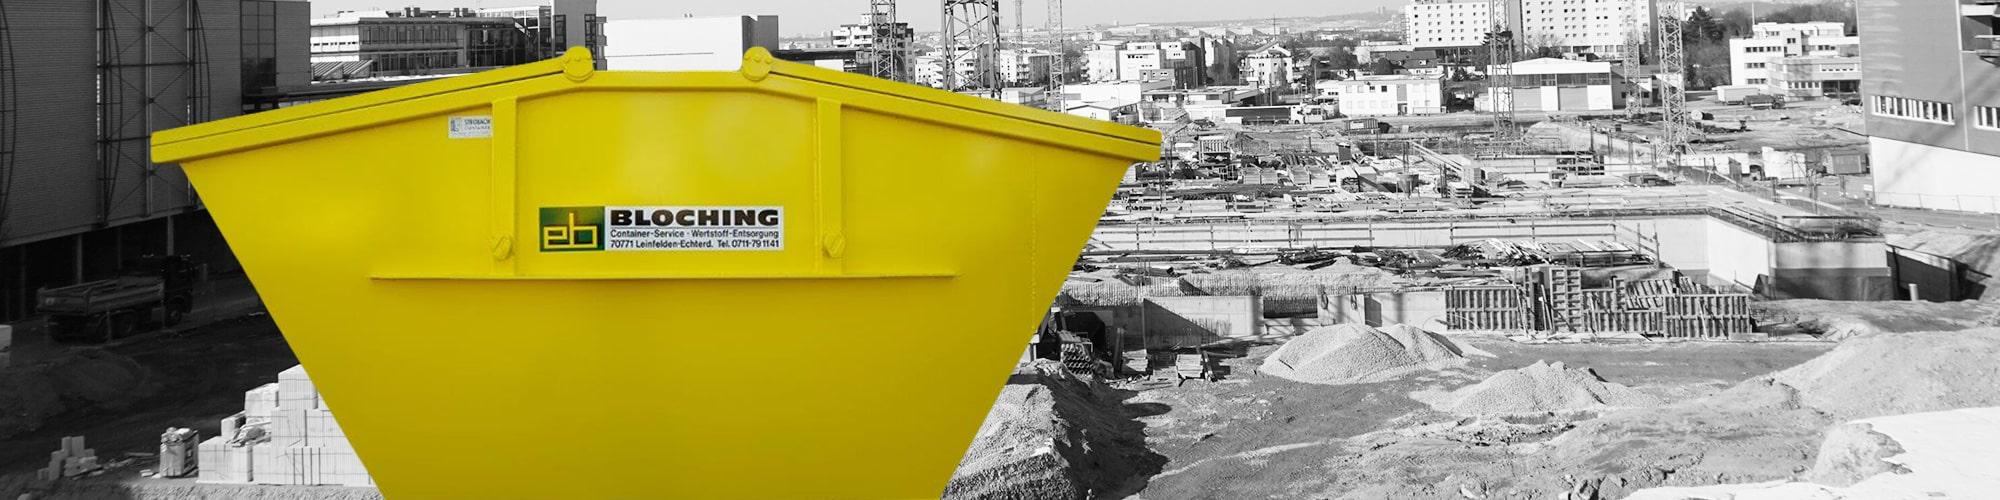 Absetzcontainer ab 5 m³ mieten - BLOCHING - Ihr Containerdienst für den Großraum Stuttgart